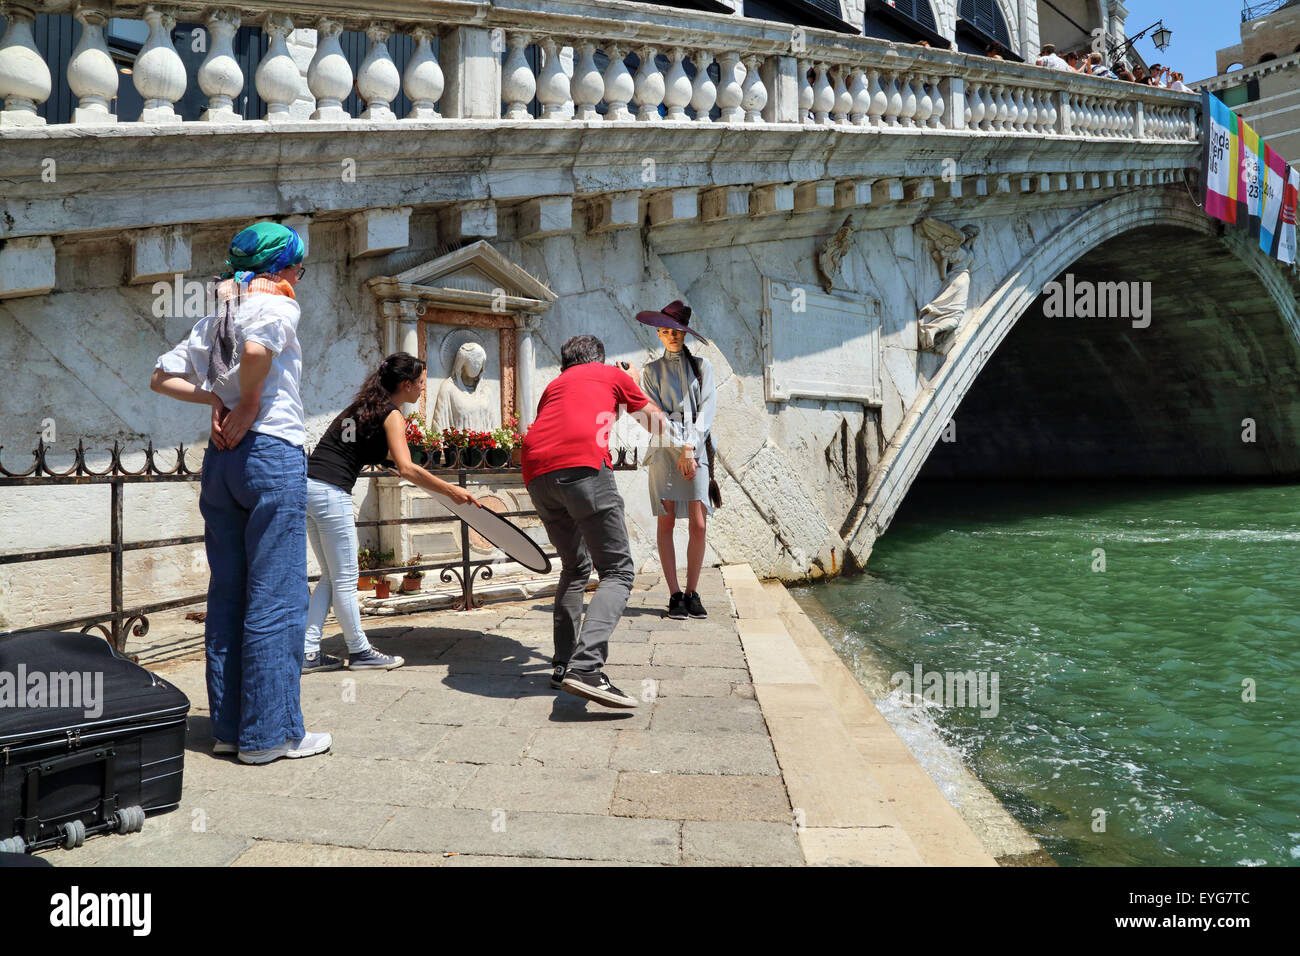 Sesión de fotos de moda profesional en Venecia, el Ponte di Rialto Bridge Imagen De Stock